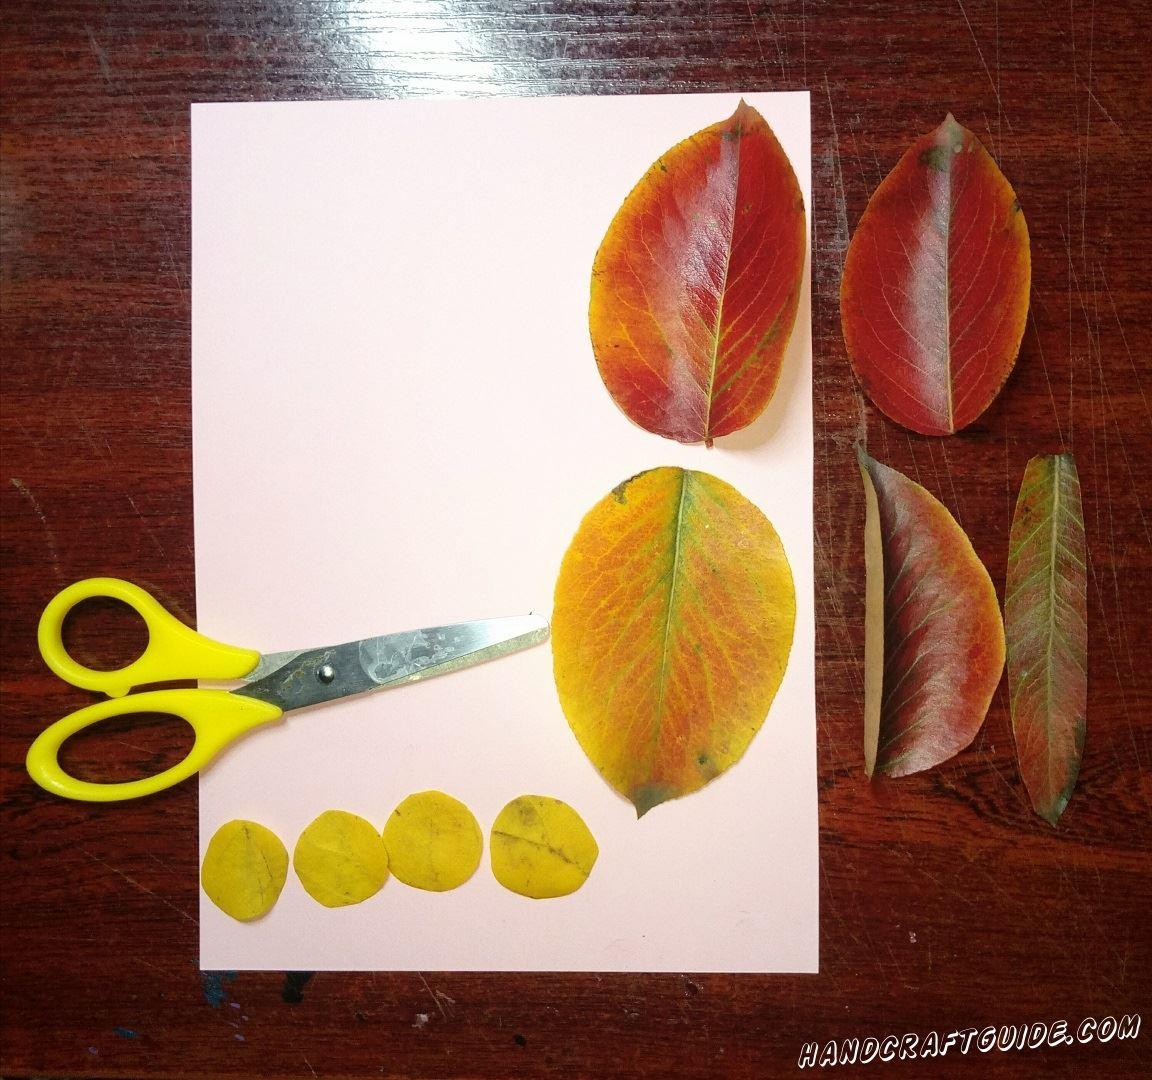 Из жёлтых листочков мы вырезаем четыре маленьких кружочка. Также нам нужно подобрать четыре листочка одинакового размера и один длинный листик.